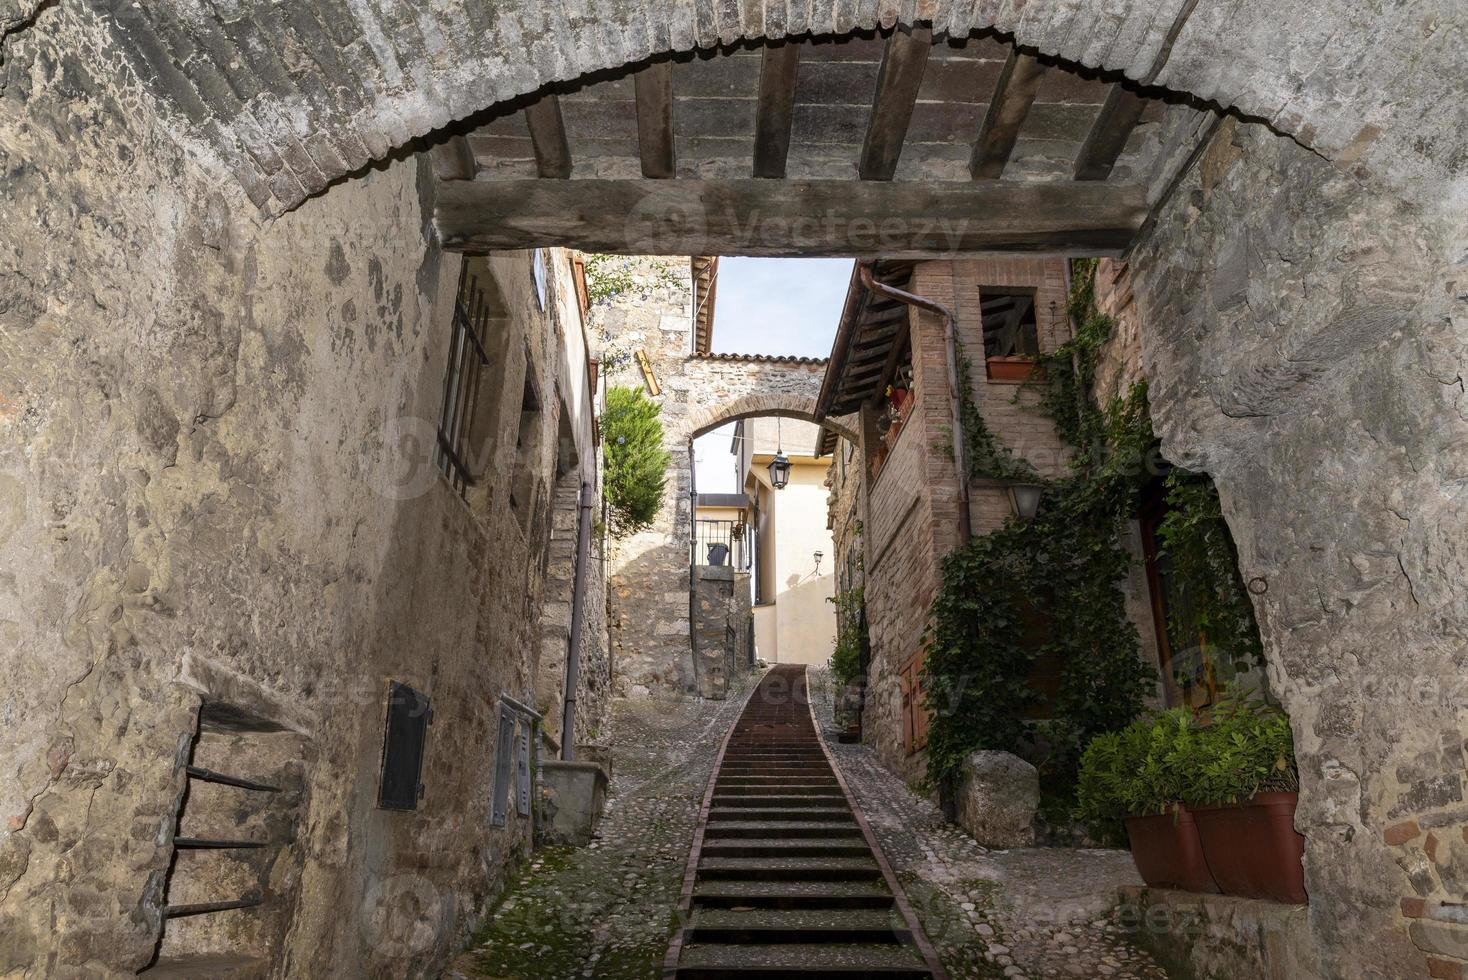 edificios en el pueblo de san gemini, italia, 2020 foto